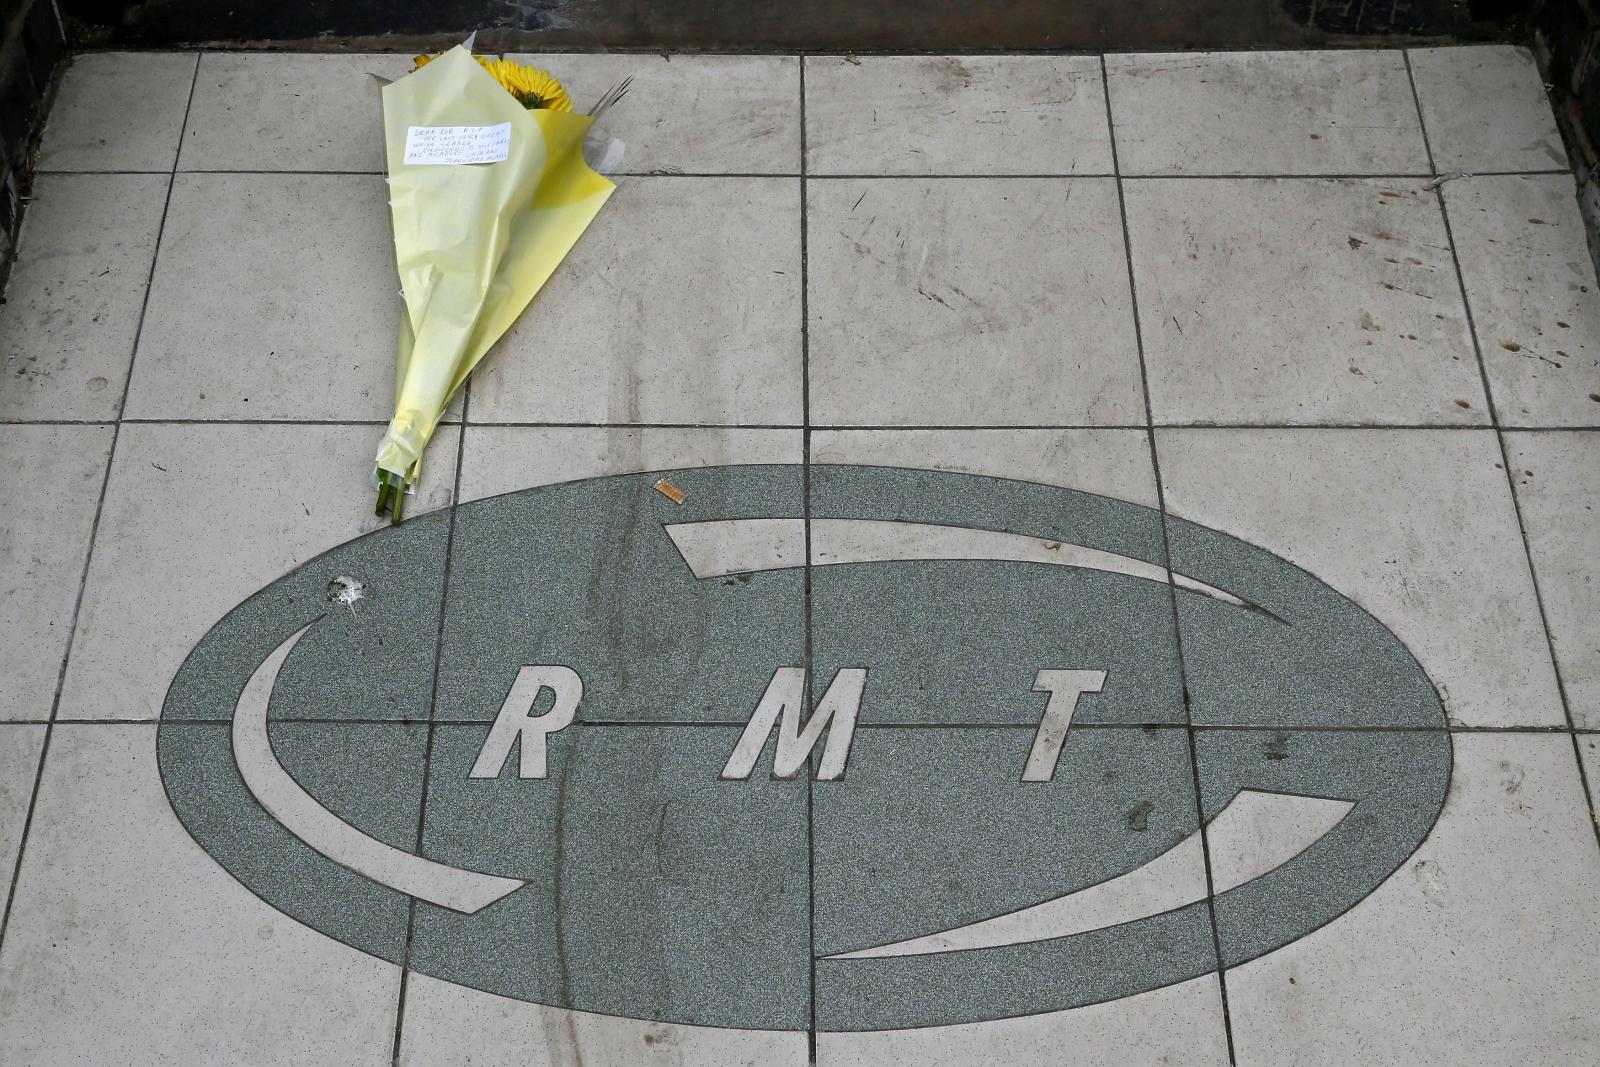 RMT union